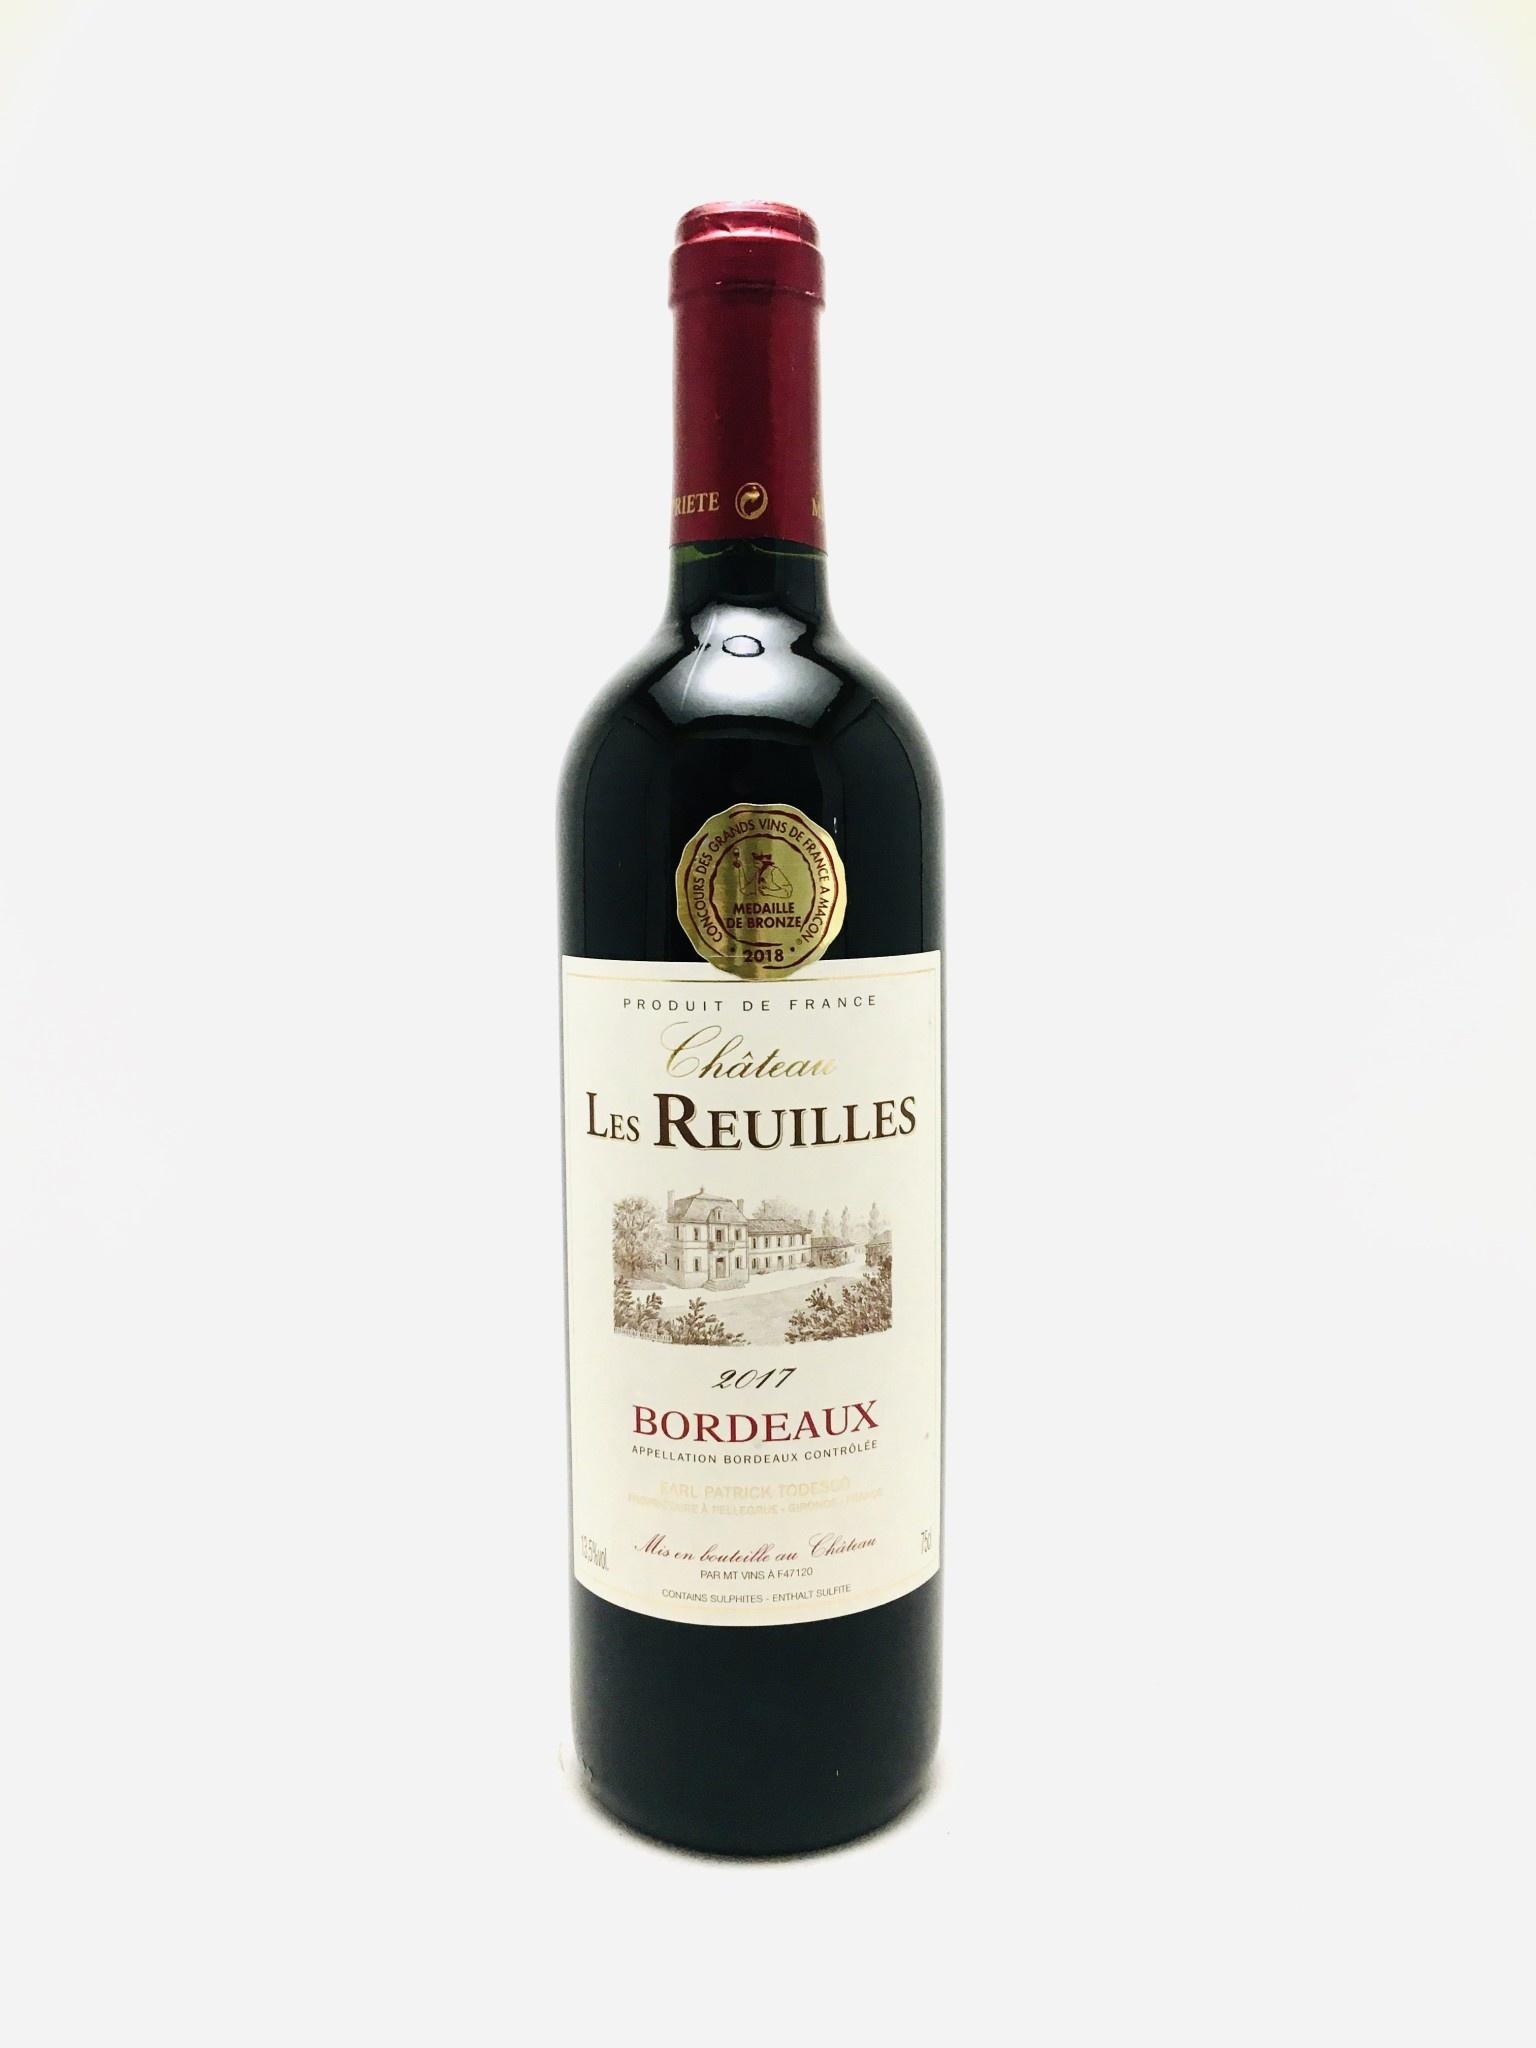 Château Les Reuilles Bordeaux France 2017